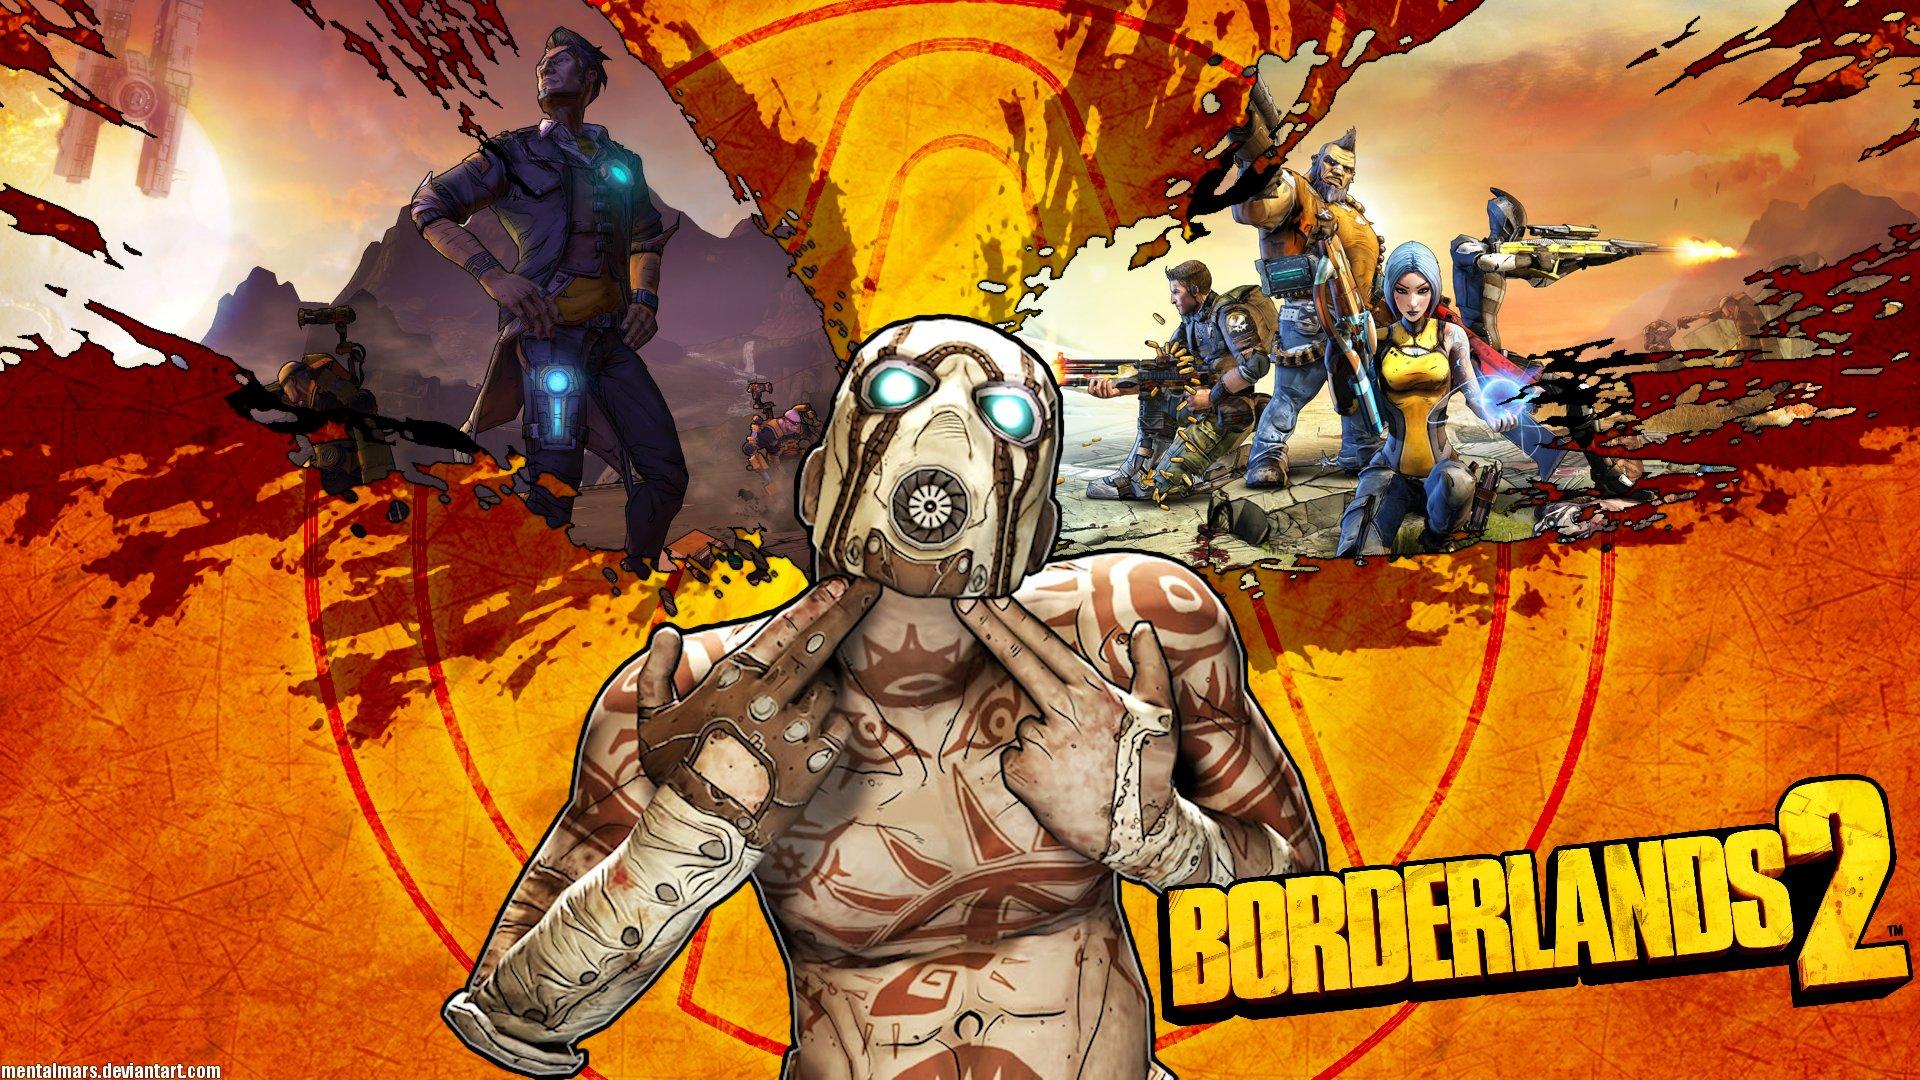 Borderlands 2Жанр: Шутер с элементами РПГДата выхода: В России 21 сентября 2012Разработчик: Gearbox SoftwareИздатель ... - Изображение 1